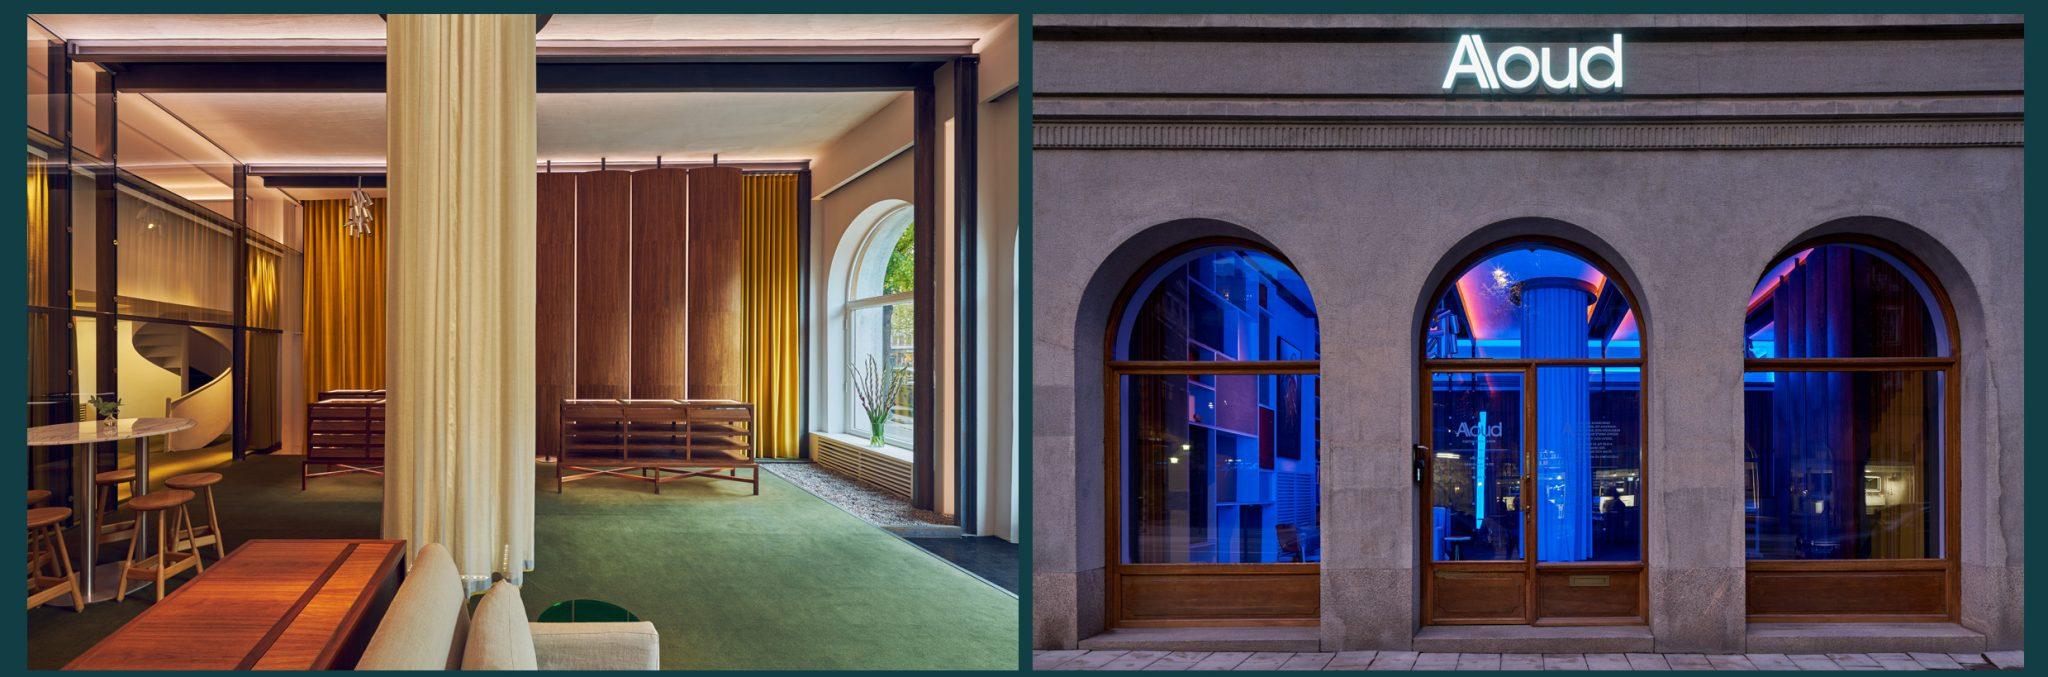 Arkitekterna på Rex Arkitektbyrå ritade Alouds nya showroom och kontor i samarbete med företaget själva.